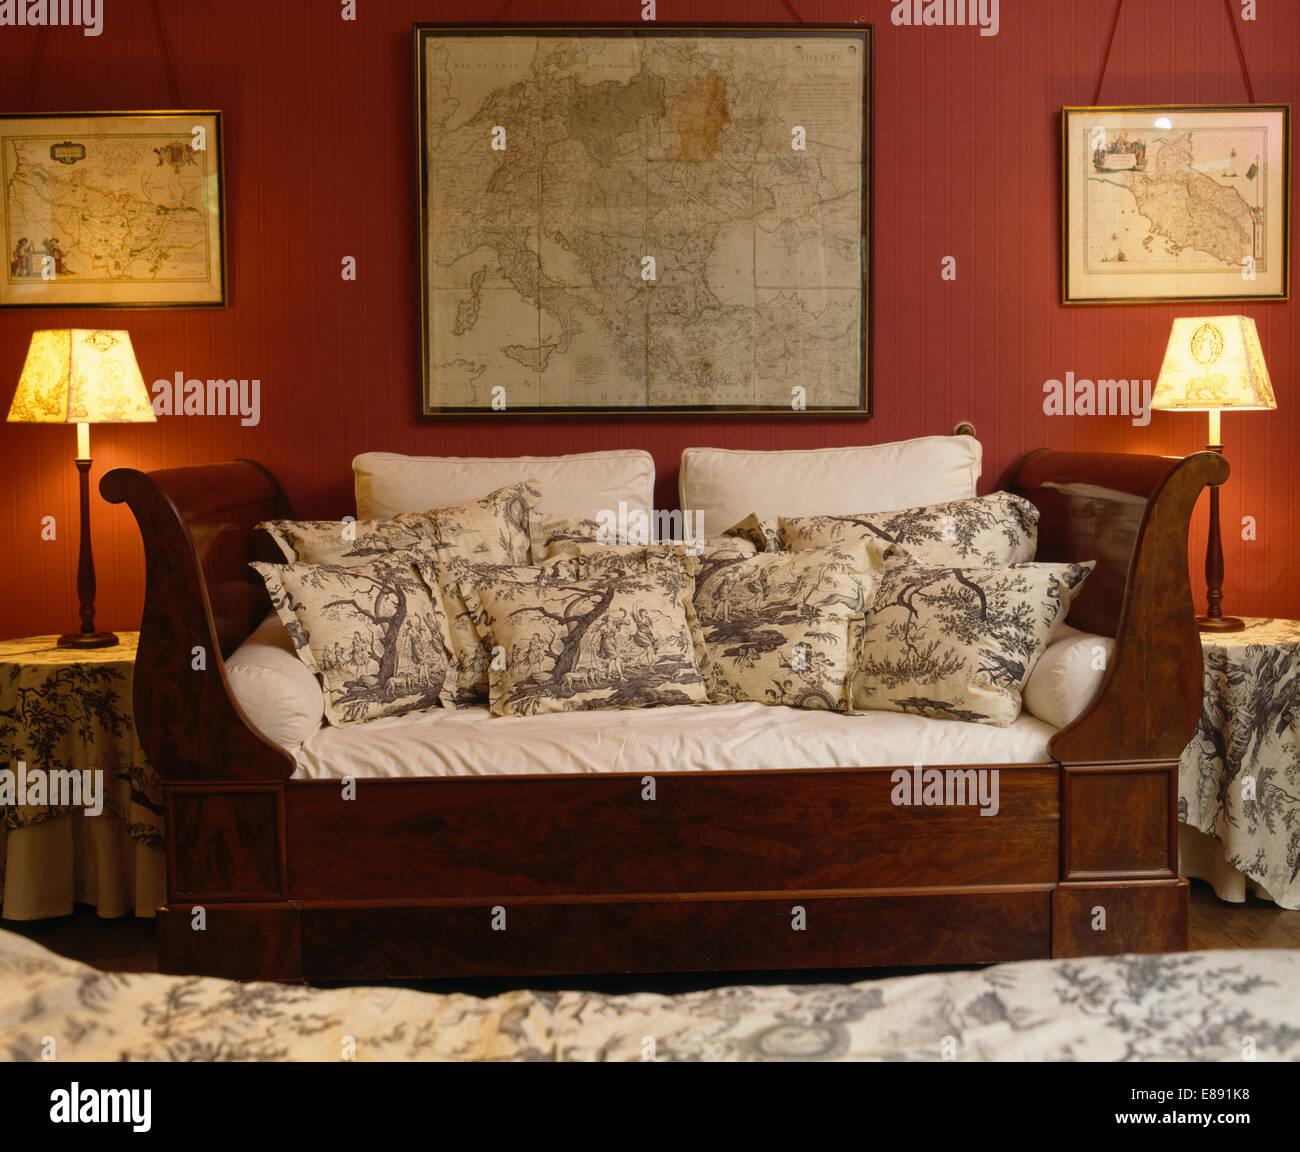 Mapas enmarcados en pared sobre sofá con cojines apilados en rojo ...